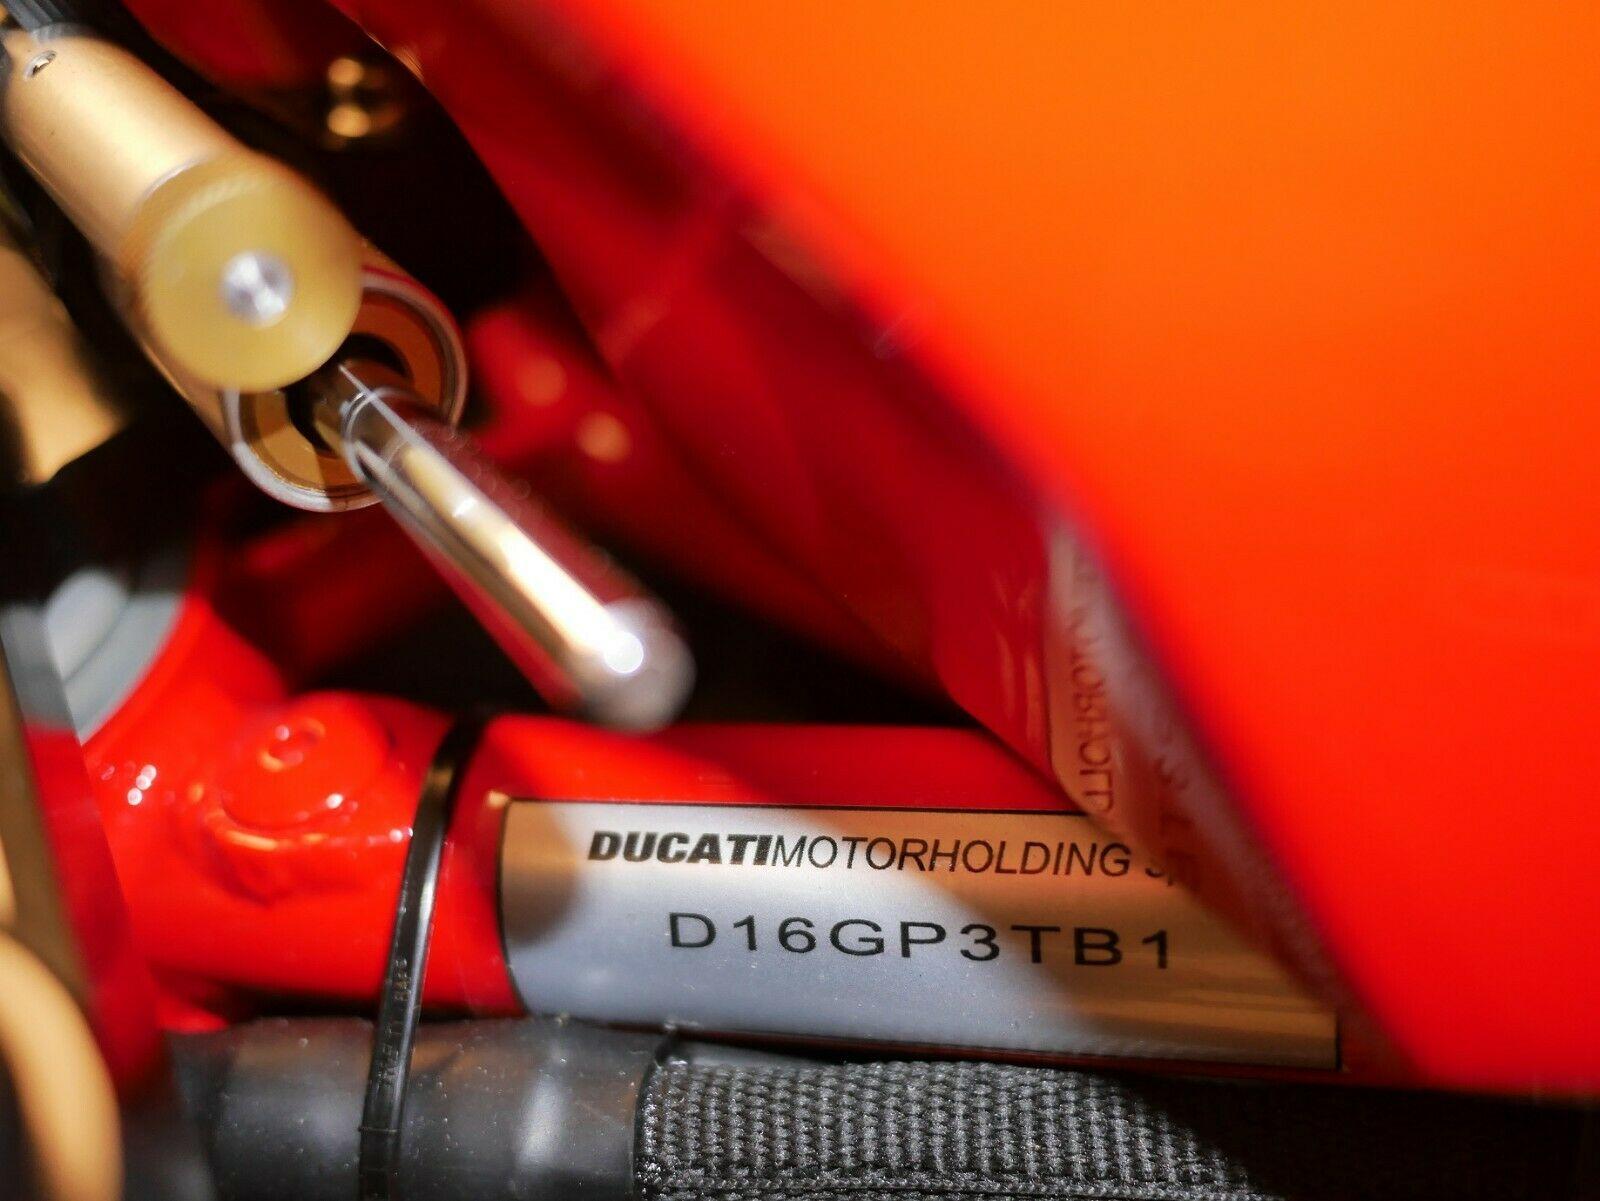 Ducati GP3 id tag